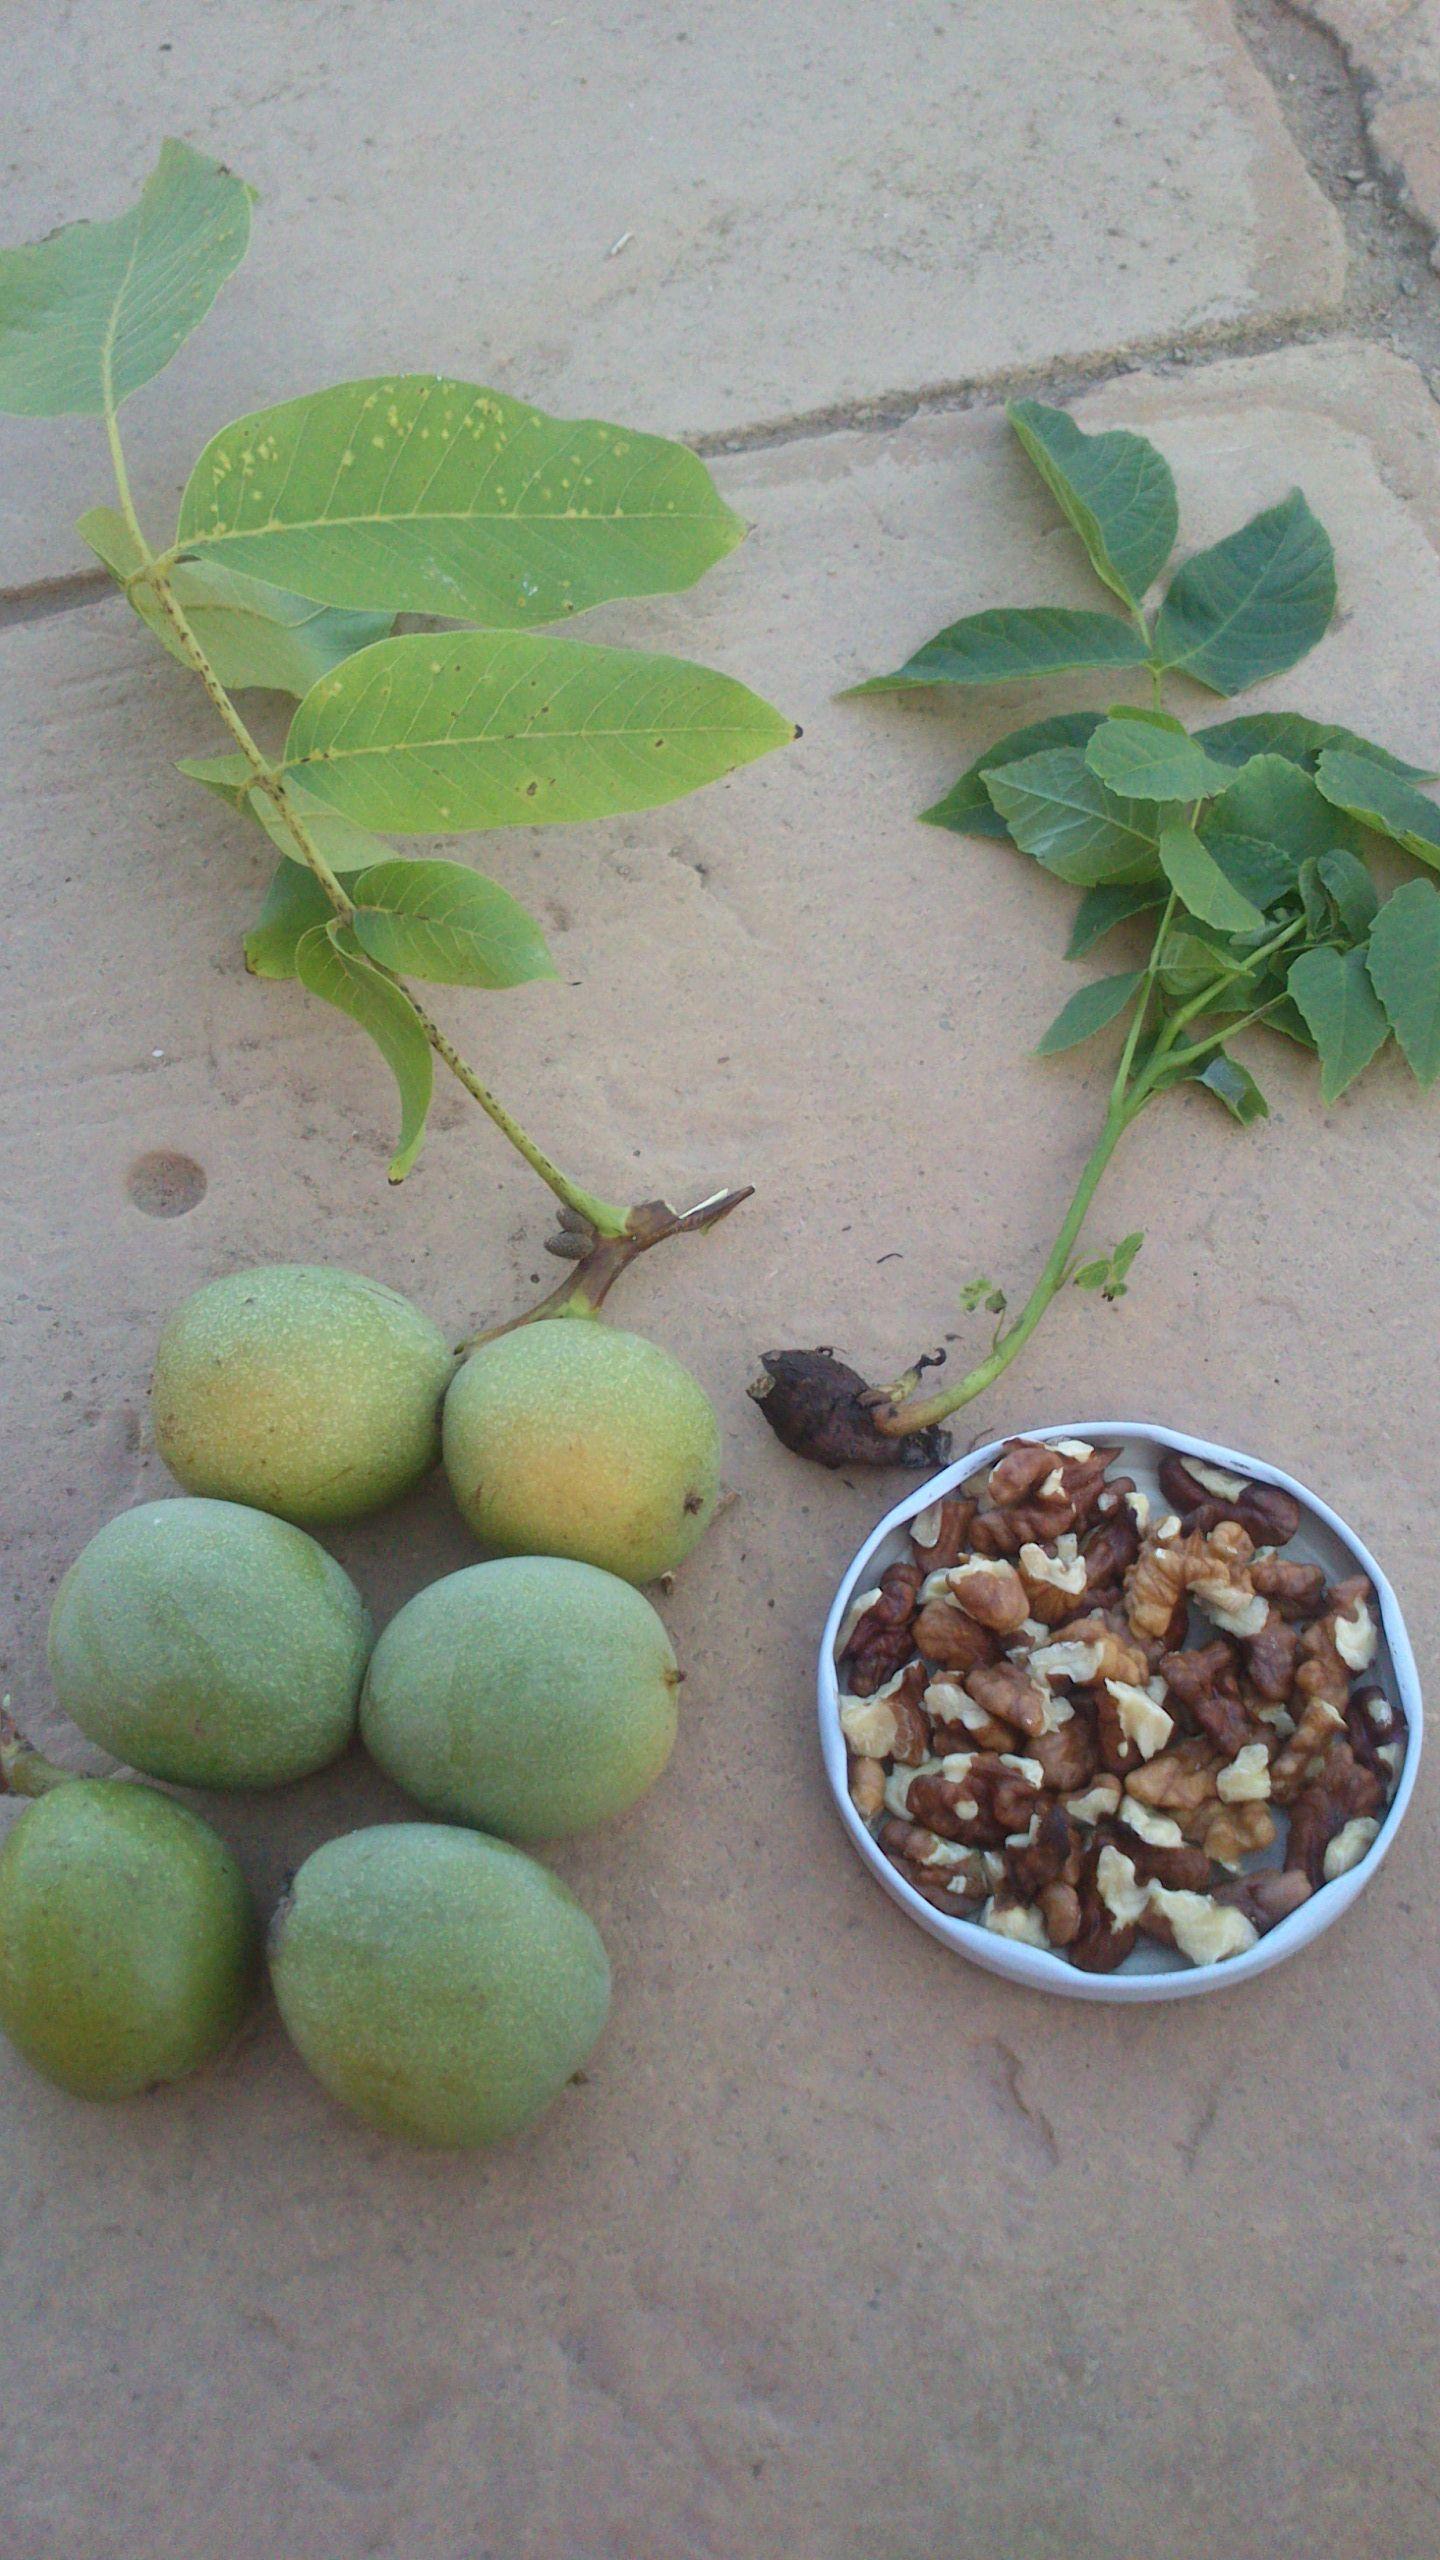 Planta frutos con c scara y nueces en trozos para consumir hortalizas verduras frutas - Cascara nueces para decorar ...